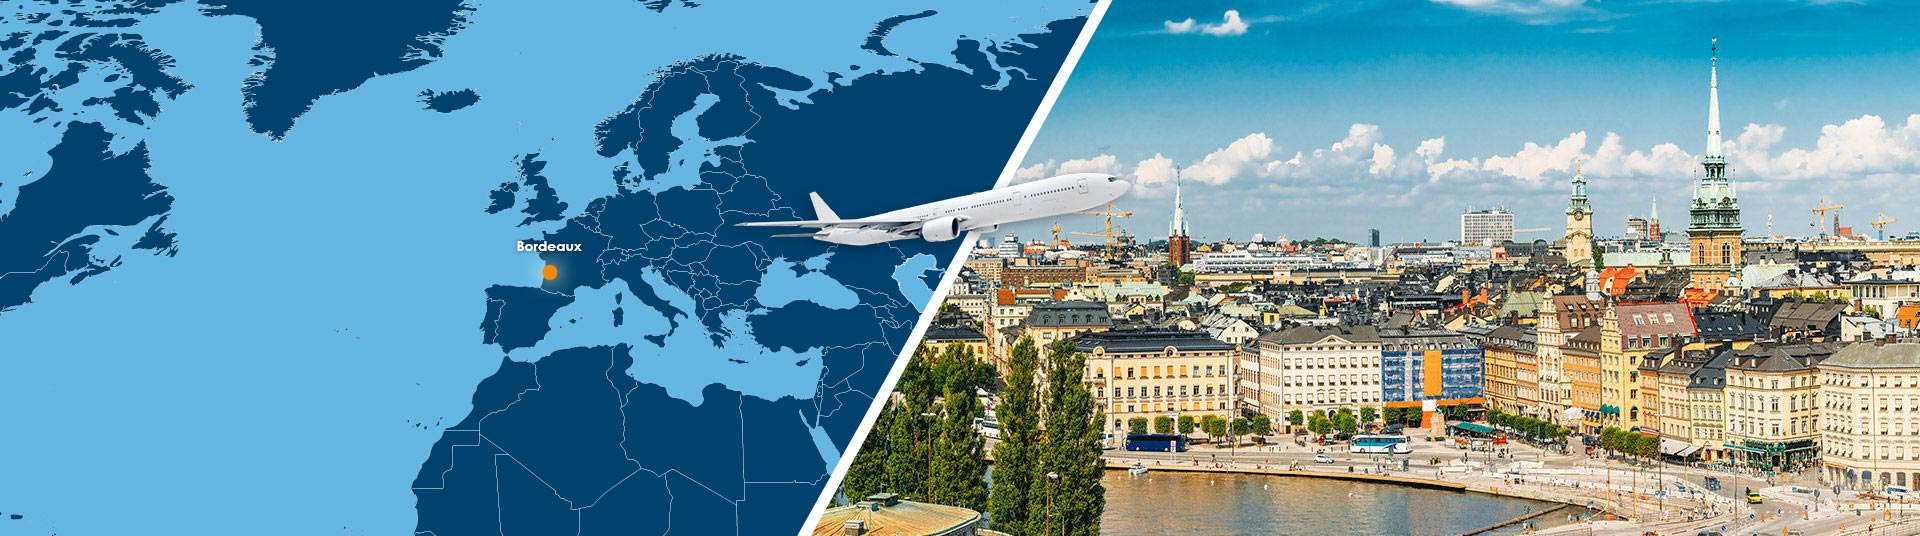 vol bordeaux stockholm pas cher : réserver un billet avion bod-sto